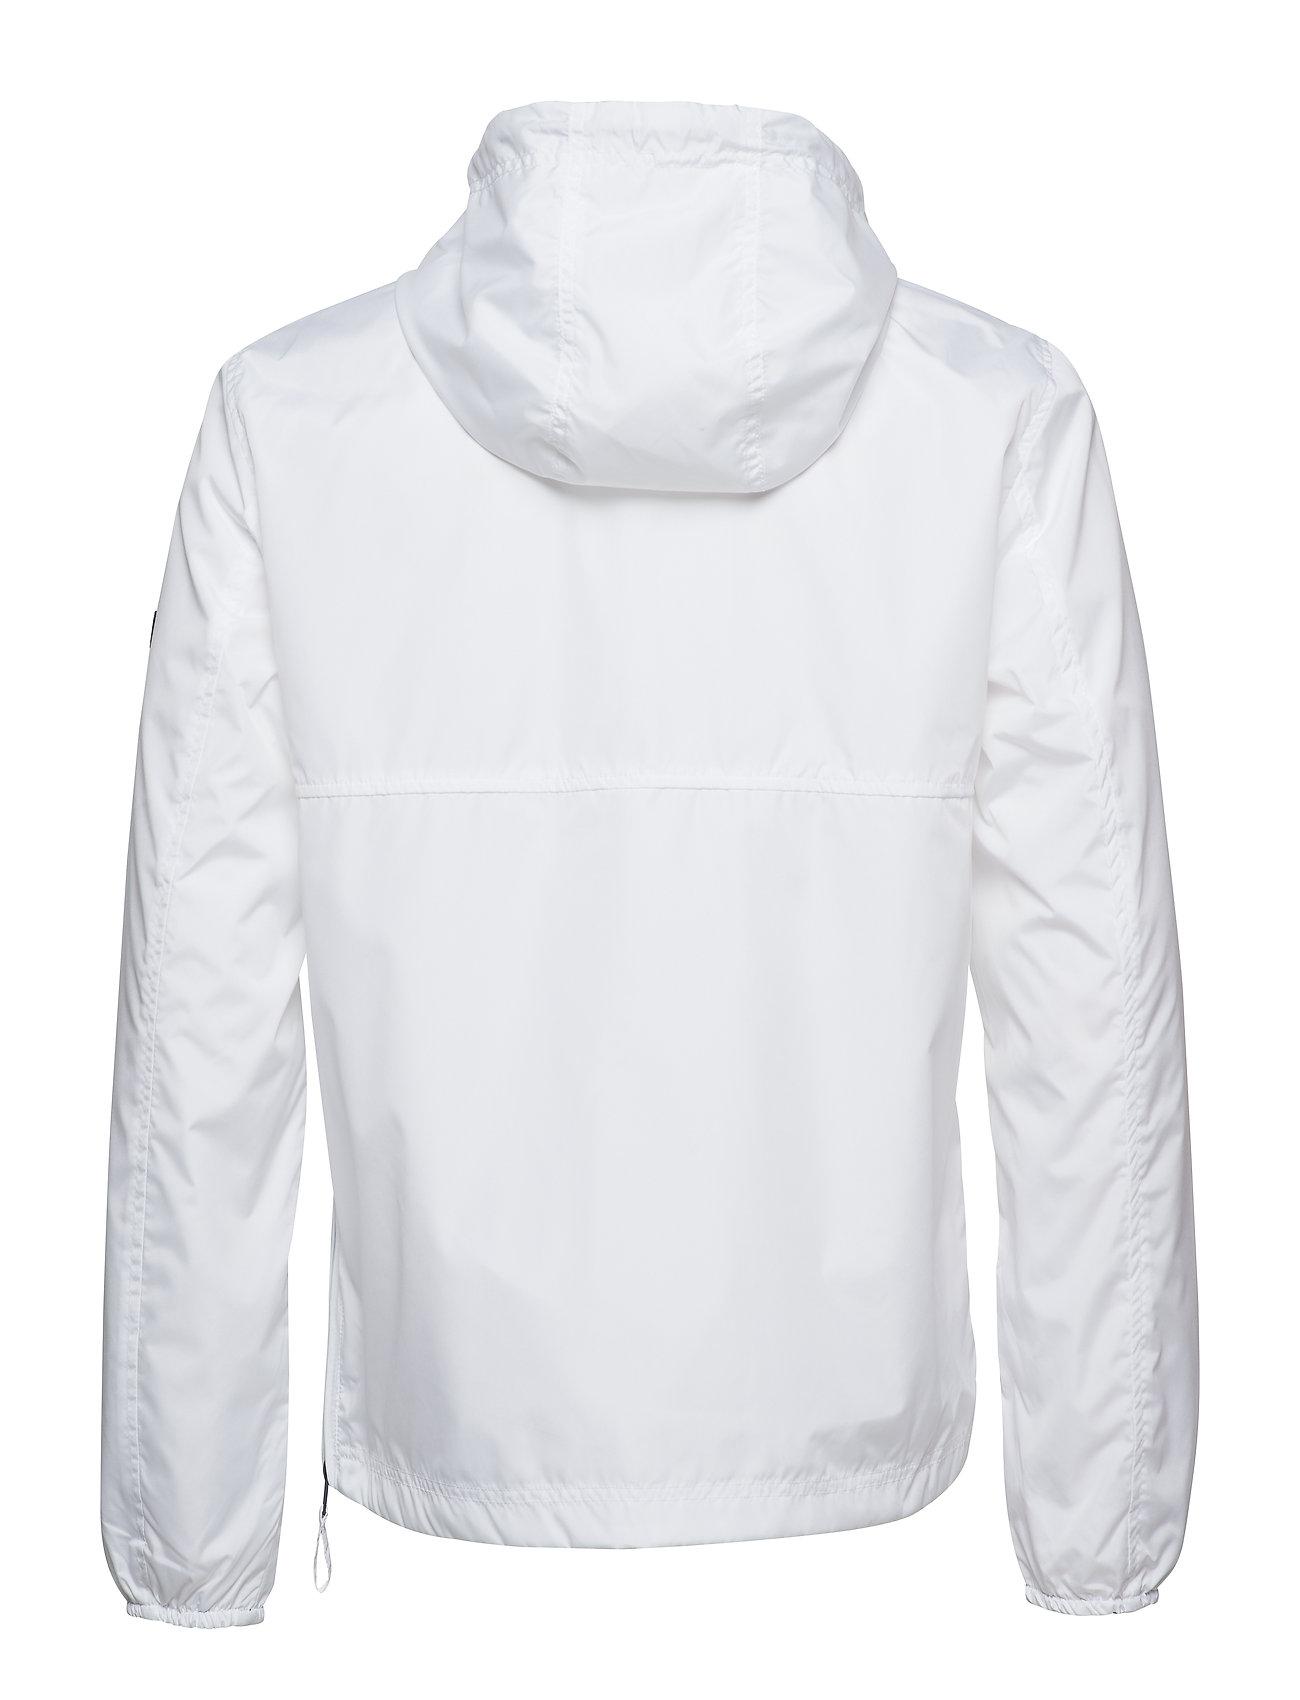 Jeans WhiteTommy Shell Nylon Solid Popoverclassic Tjm nw8XOkN0PZ